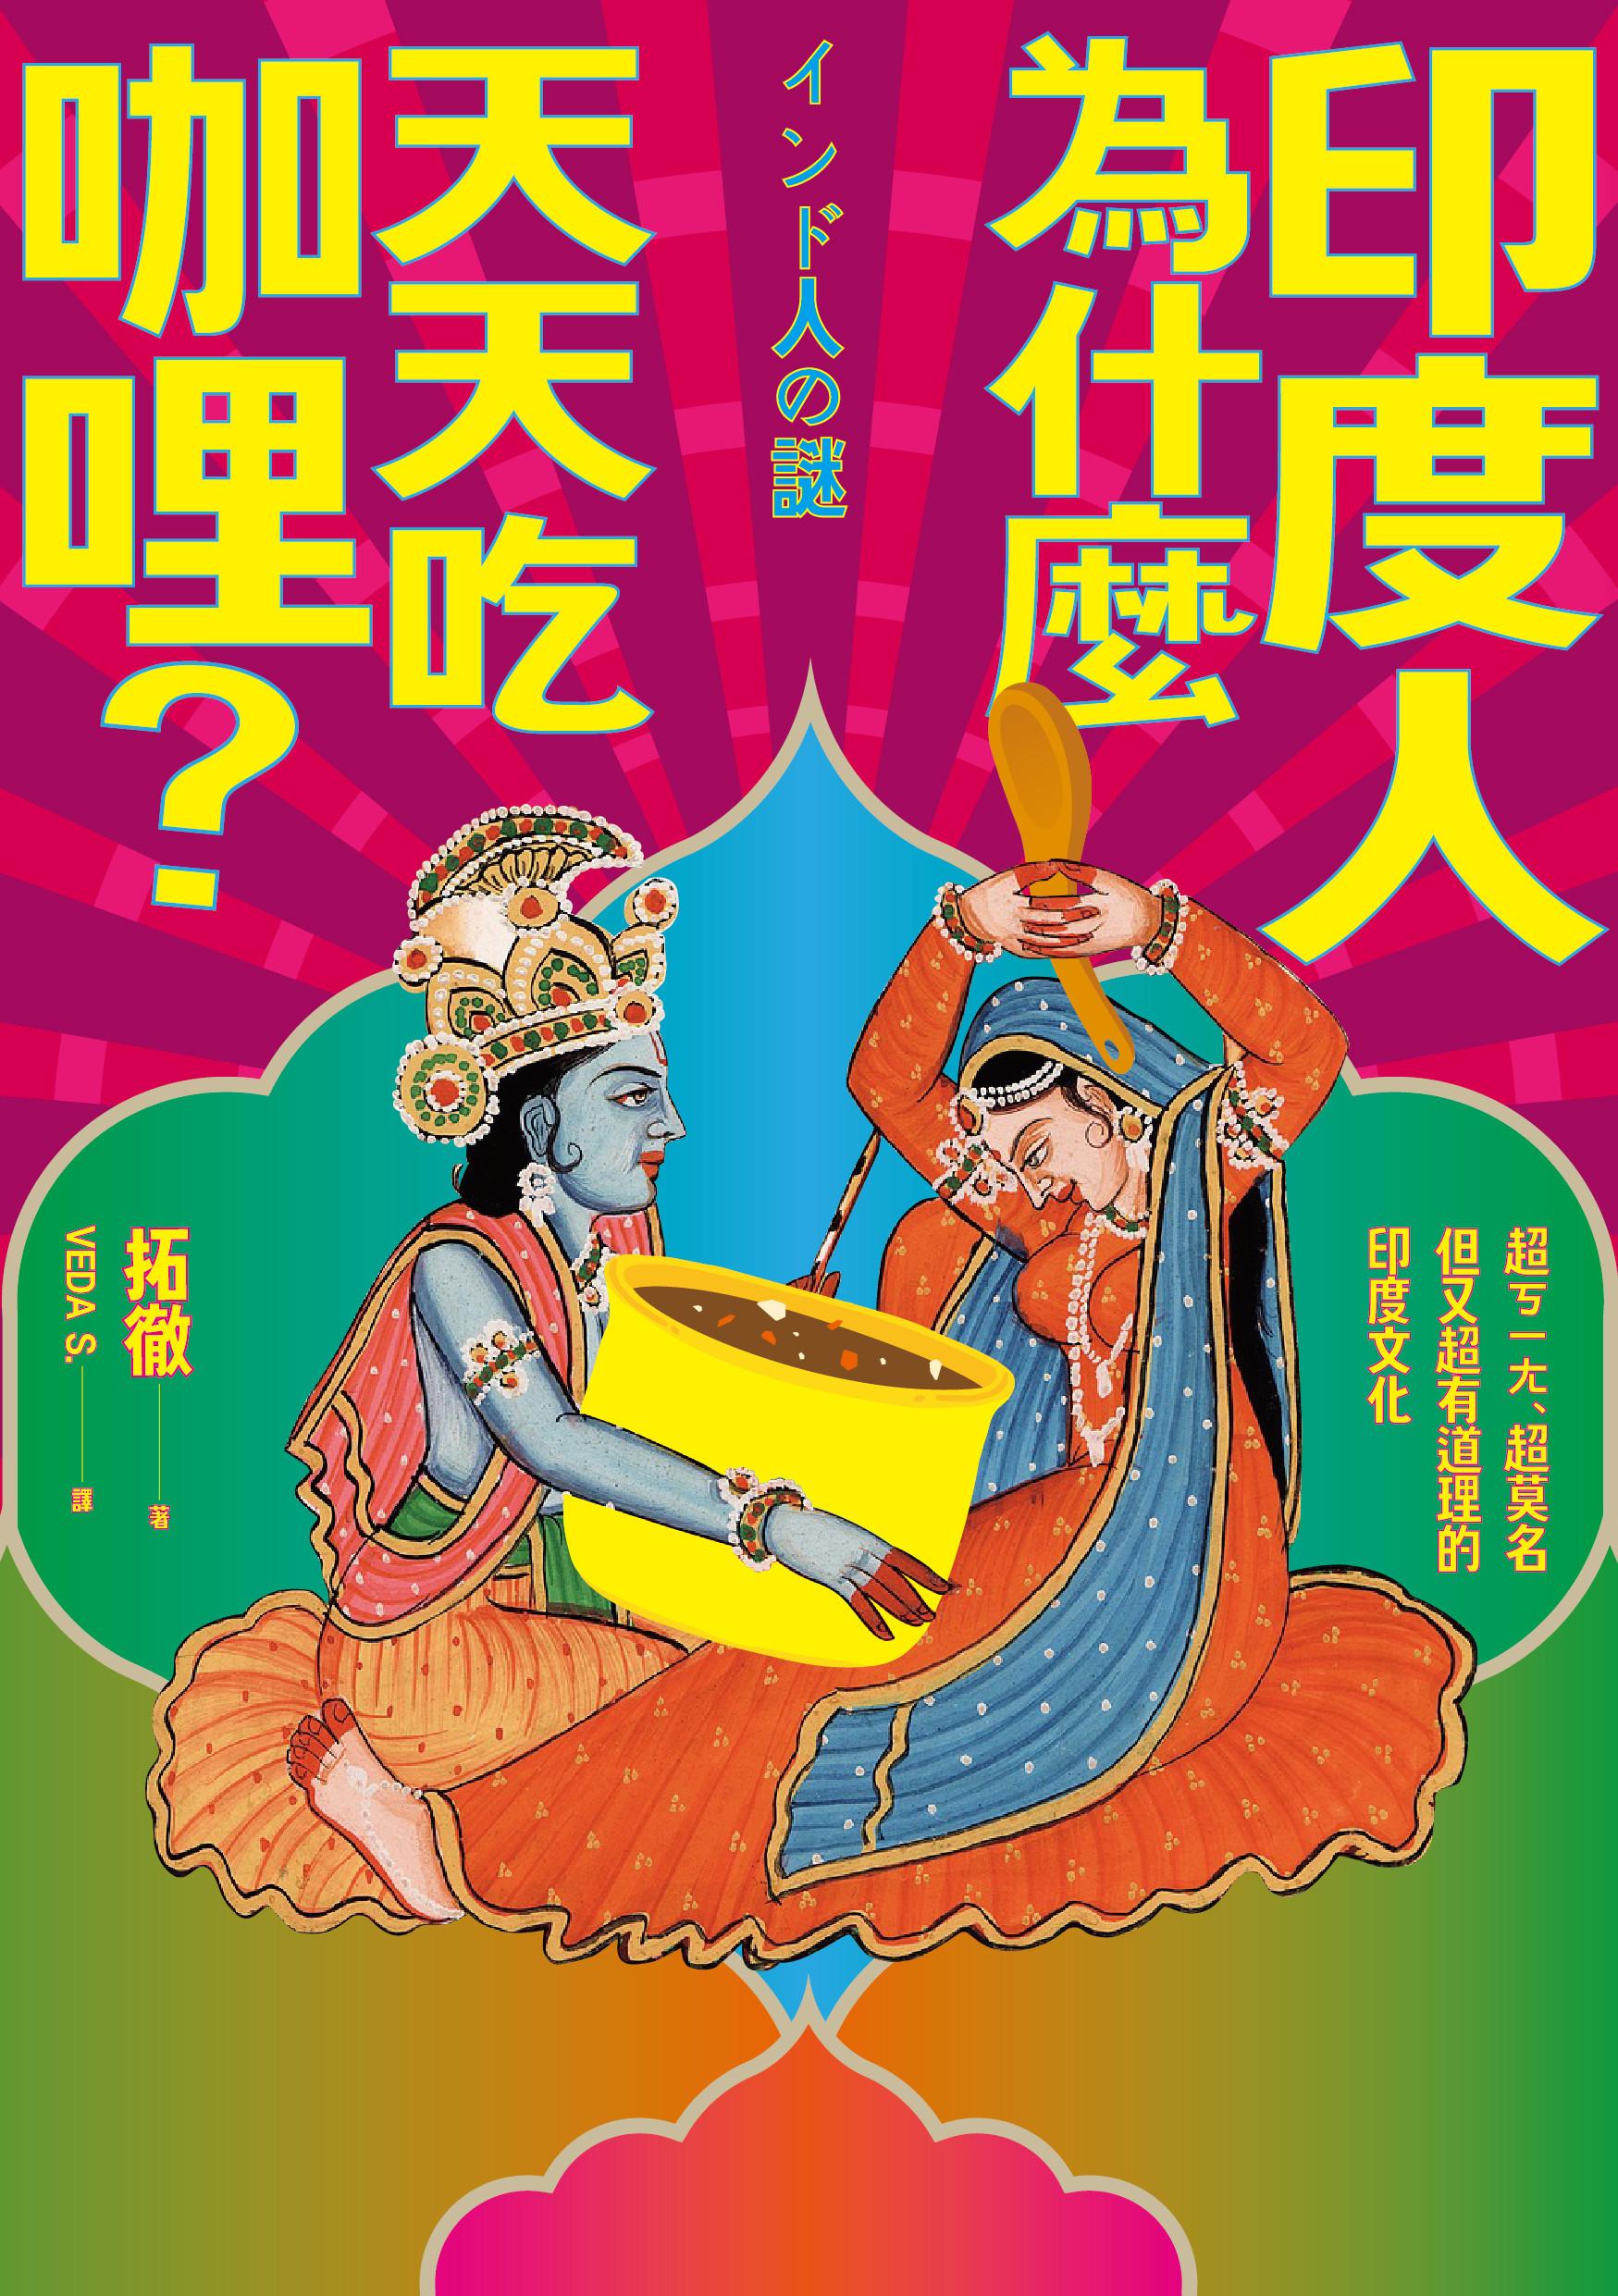 ▲《印度人為什麼天天吃咖哩?:超ㄎㄧㄤ、超莫名但又超有道理的印度文化》。(圖/時報出版提供)